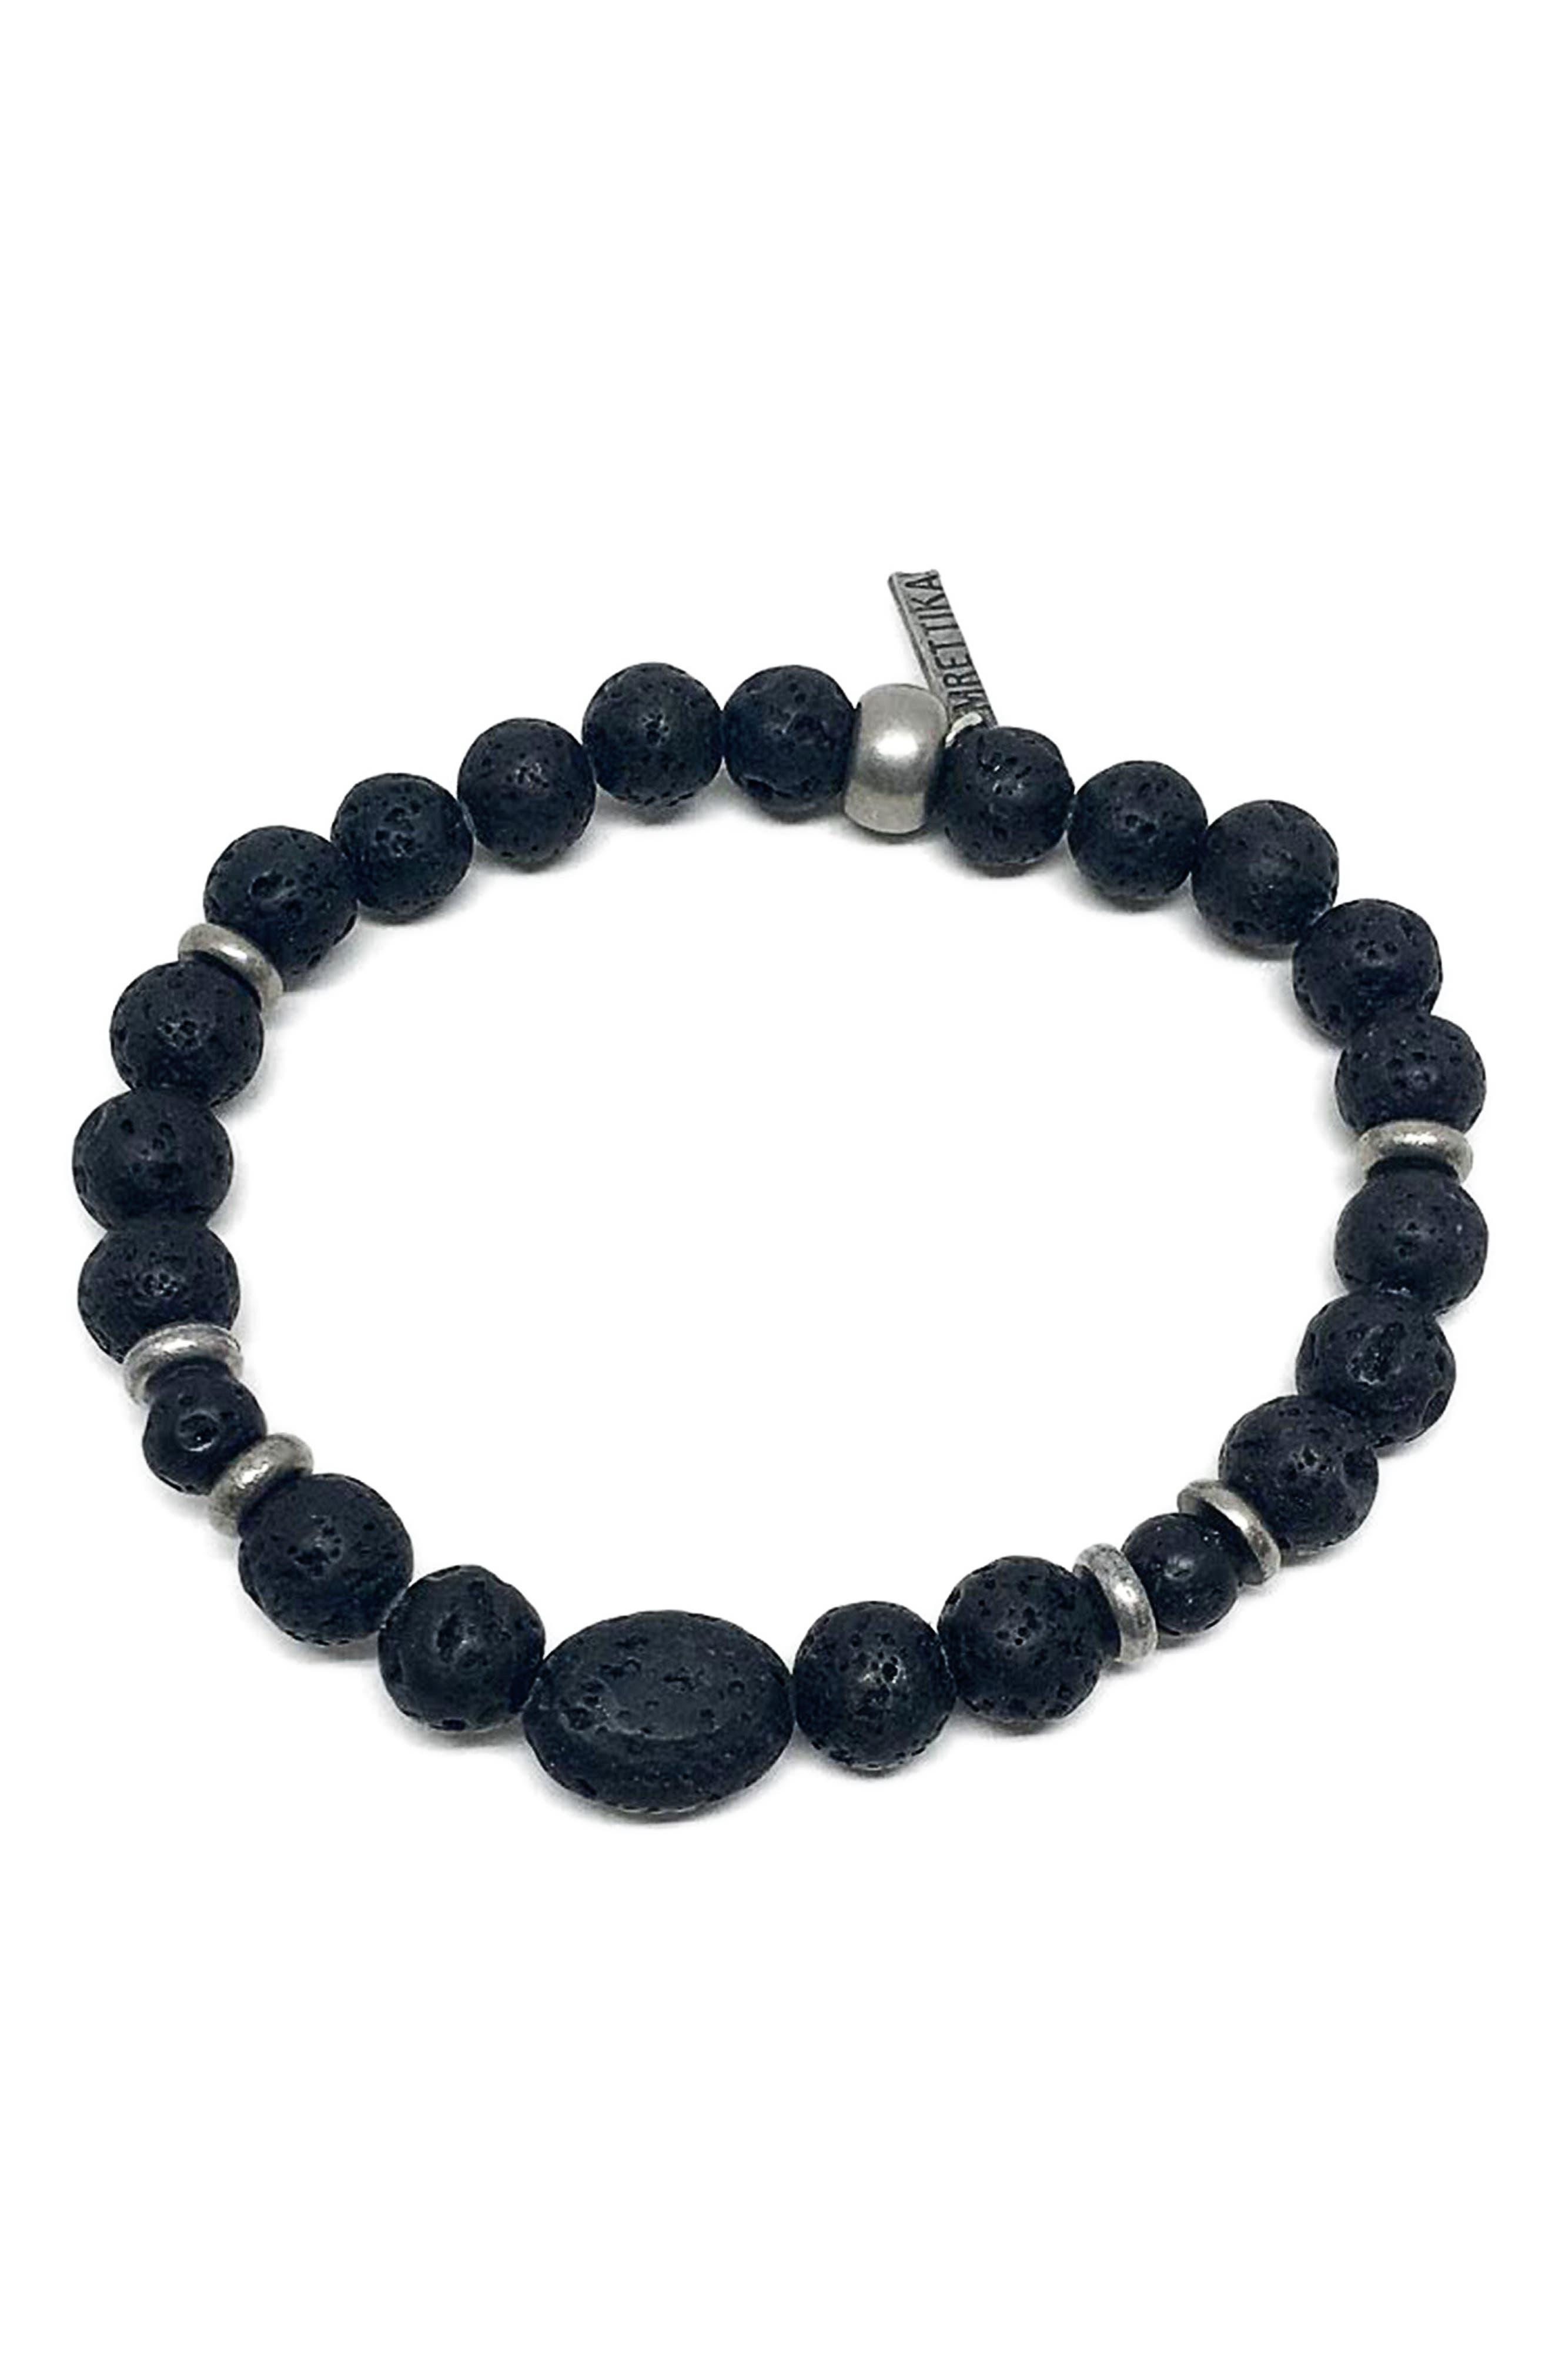 Main Image - Mr. Ettika Black Hero Lava Stone Bracelet